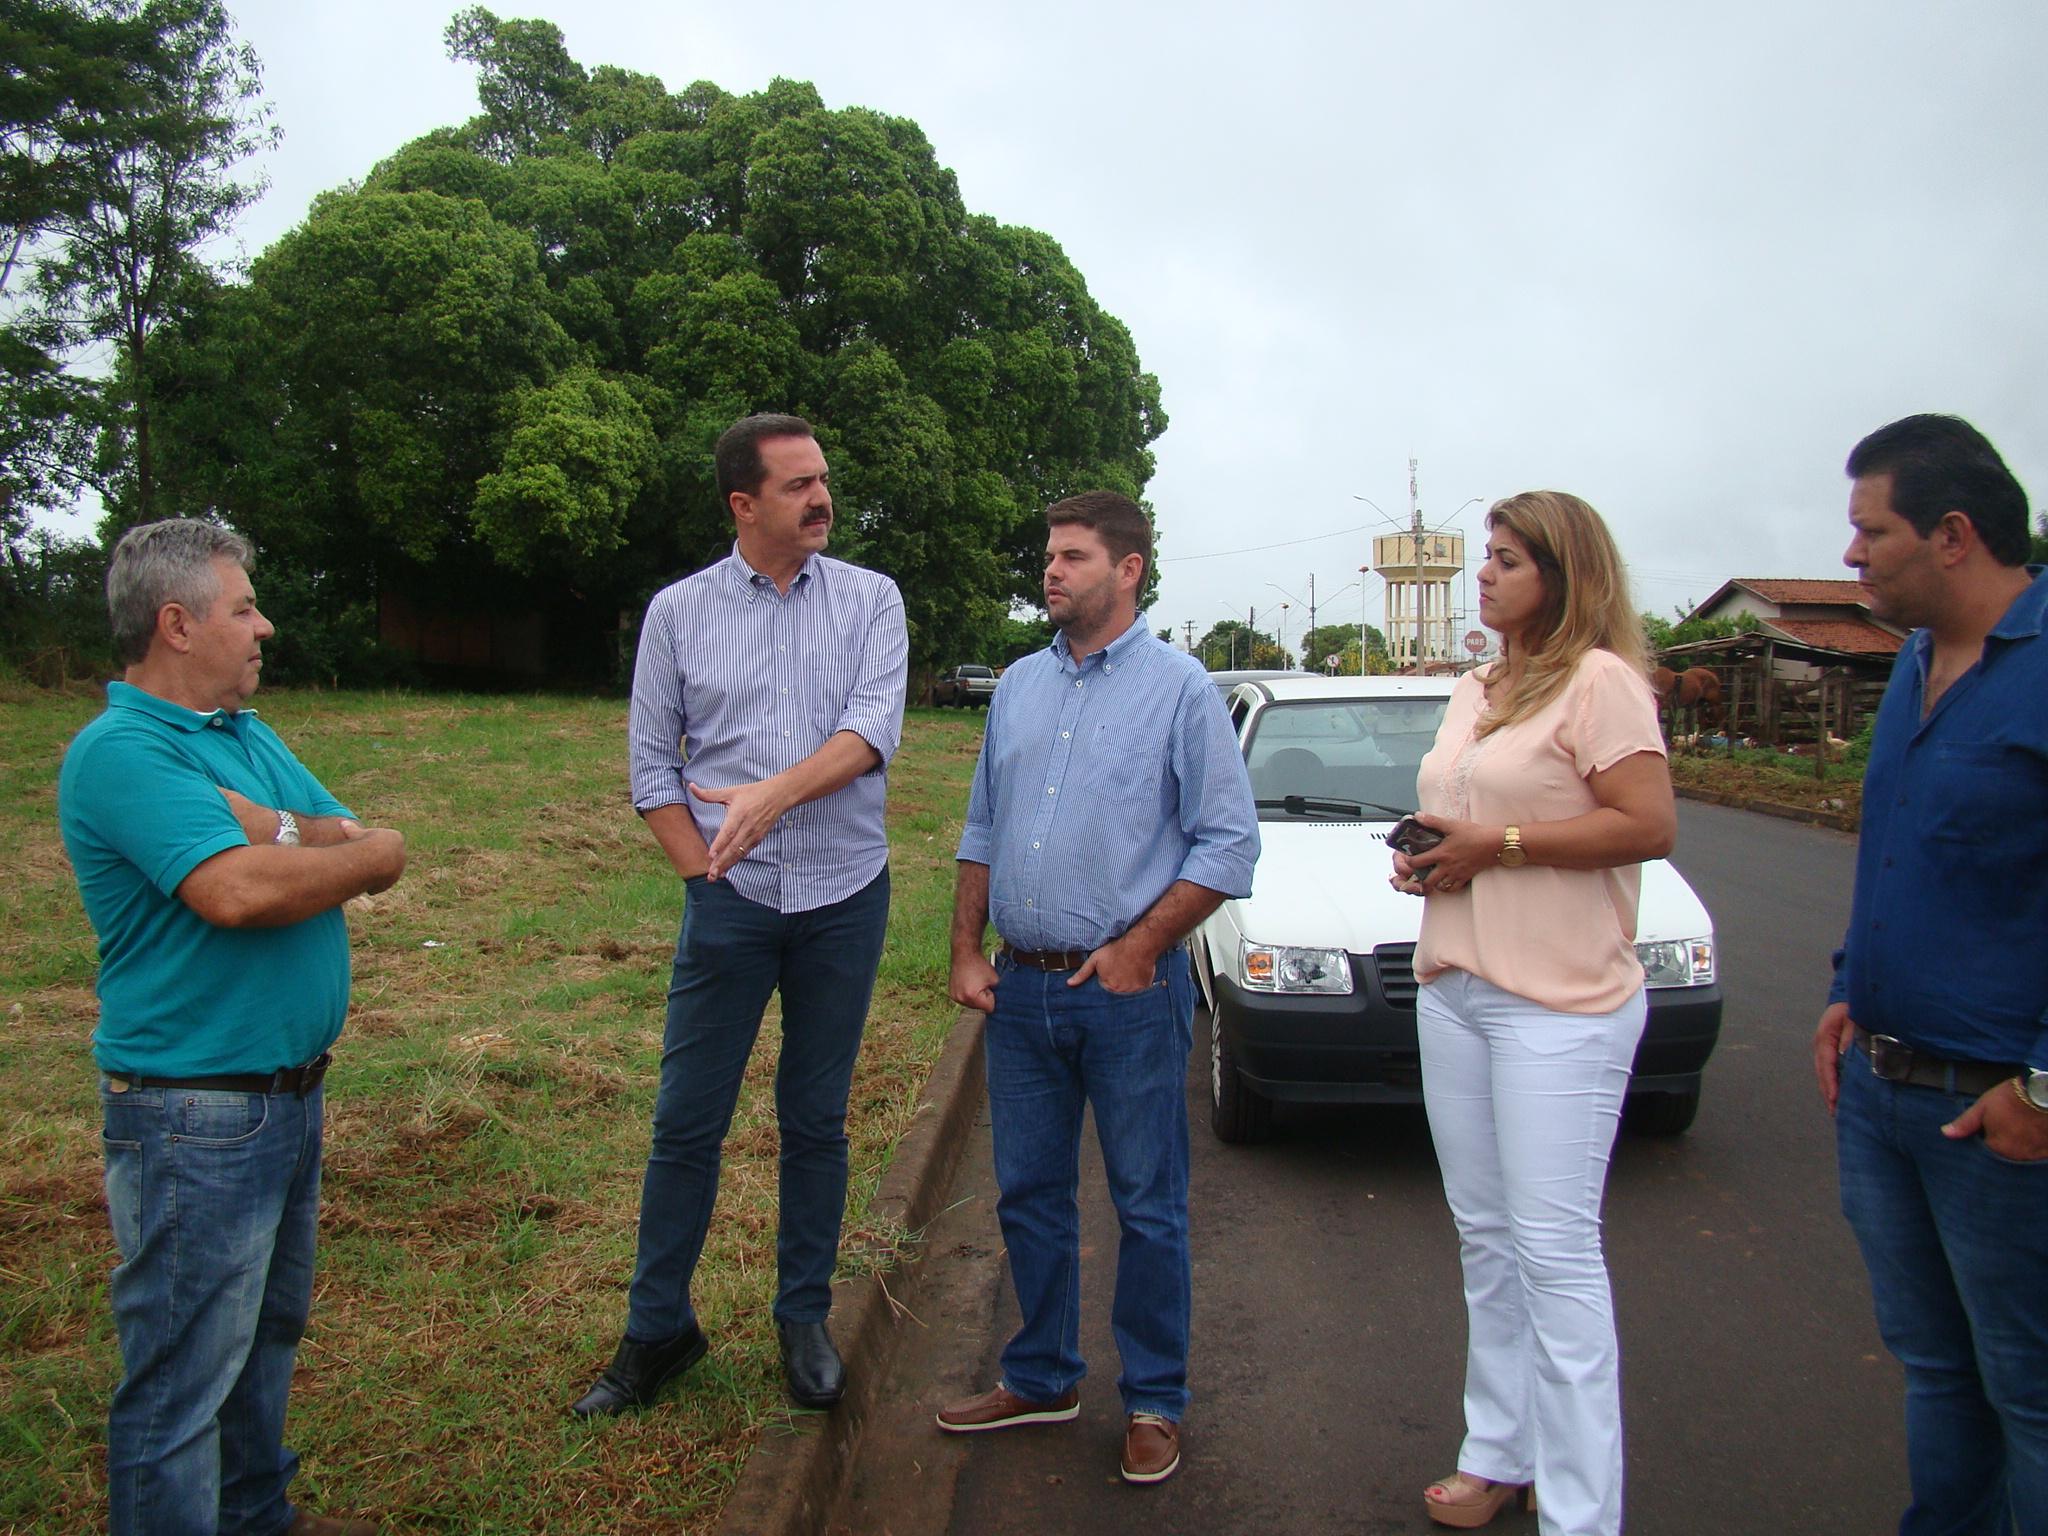 O prefeito Du Lourenço, recepcionou o deputado junto de sua vice Mônica Borguesan, de seu chefe de gabinete Junior Naliati e do diretor de obras José Cândido Soler Lourenço, o engenheiro civil Bartolo.